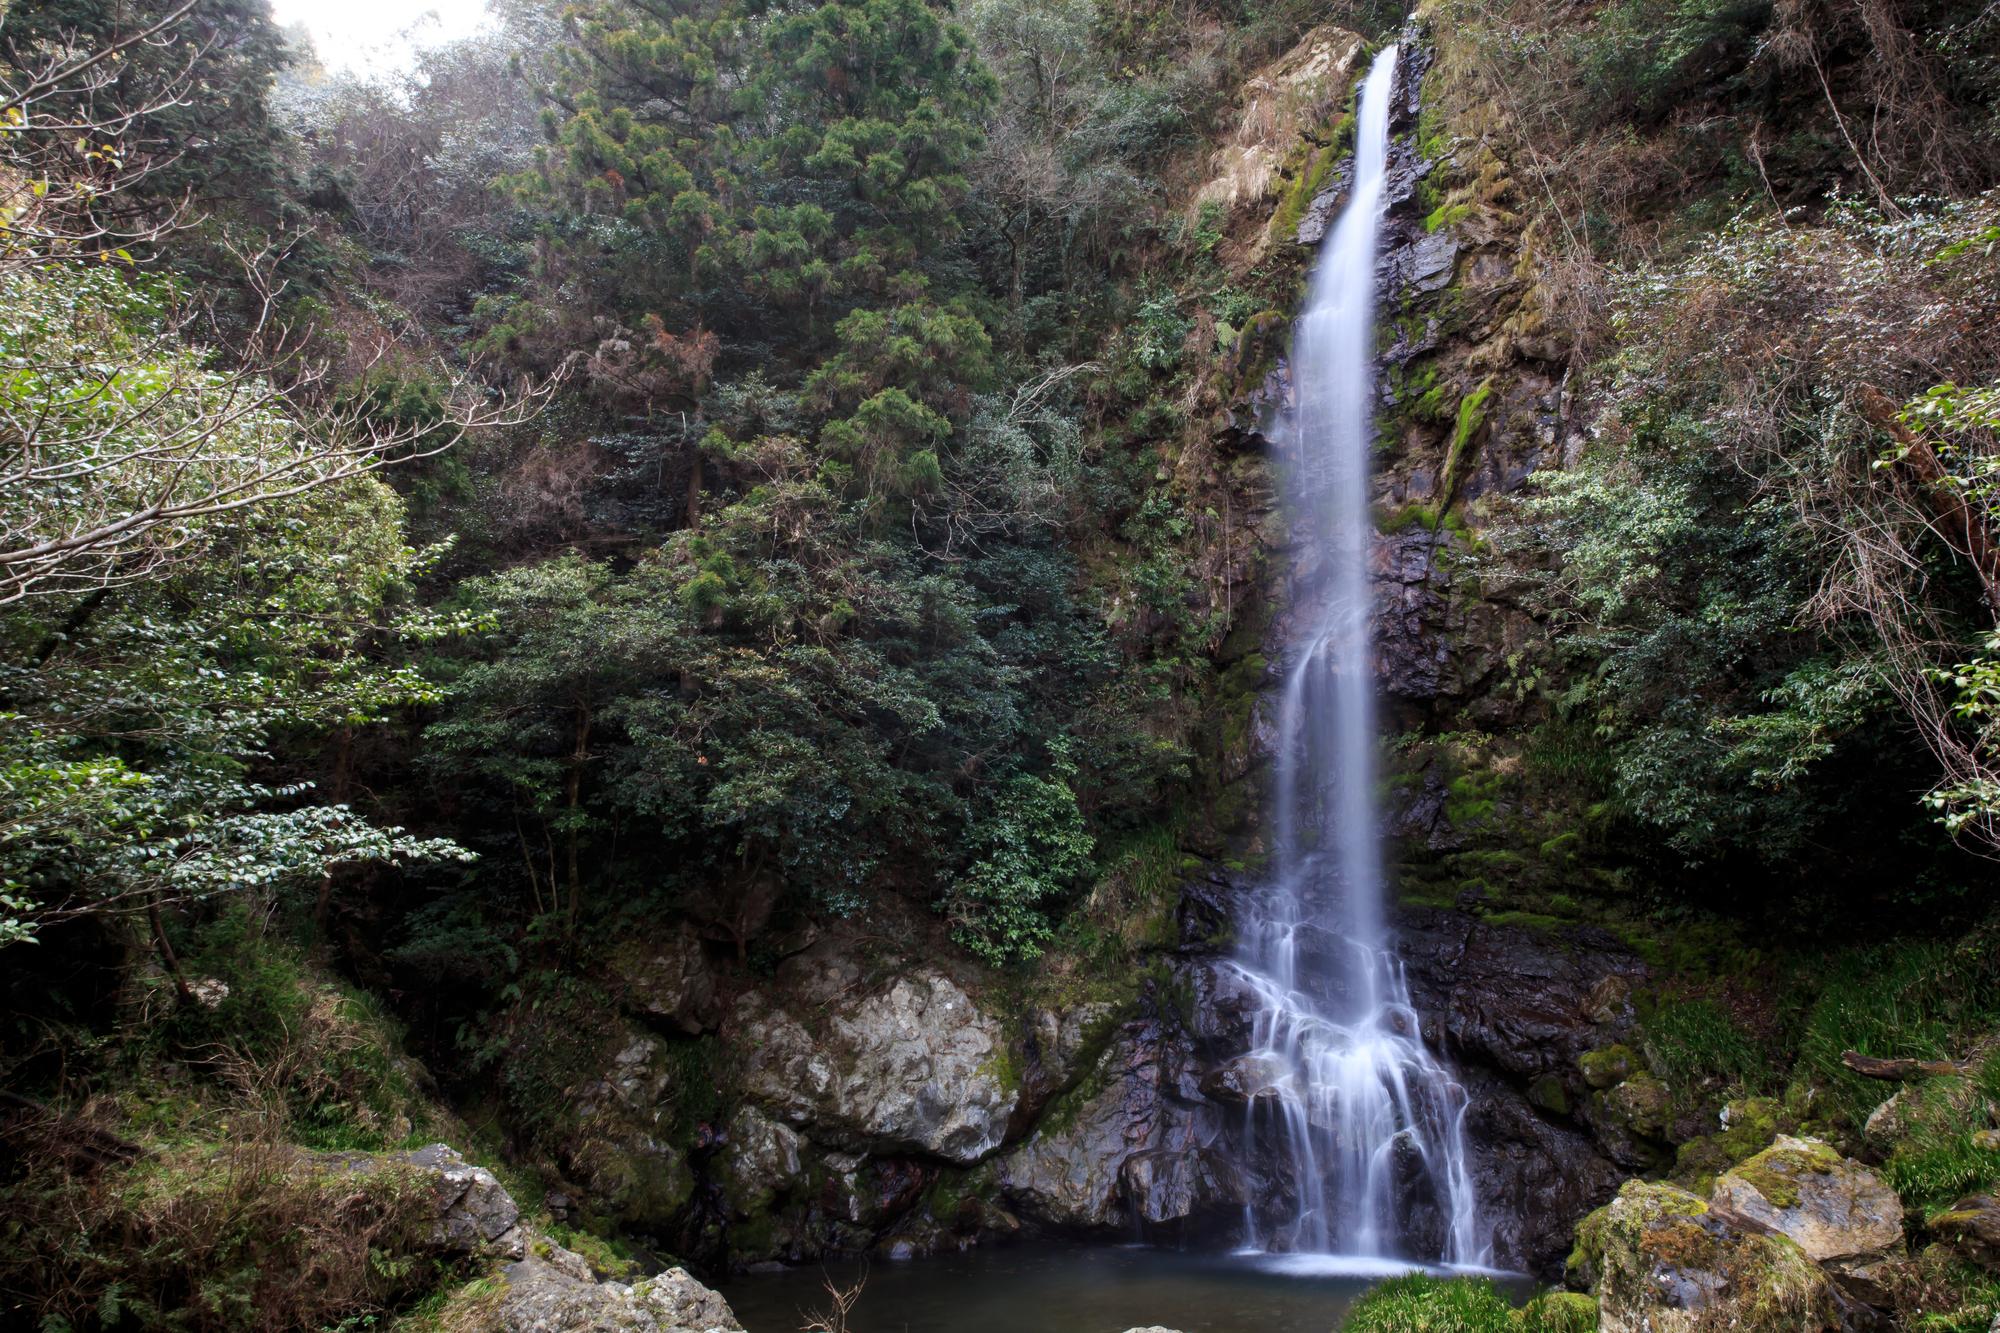 大樽の滝(おおたるのたき)